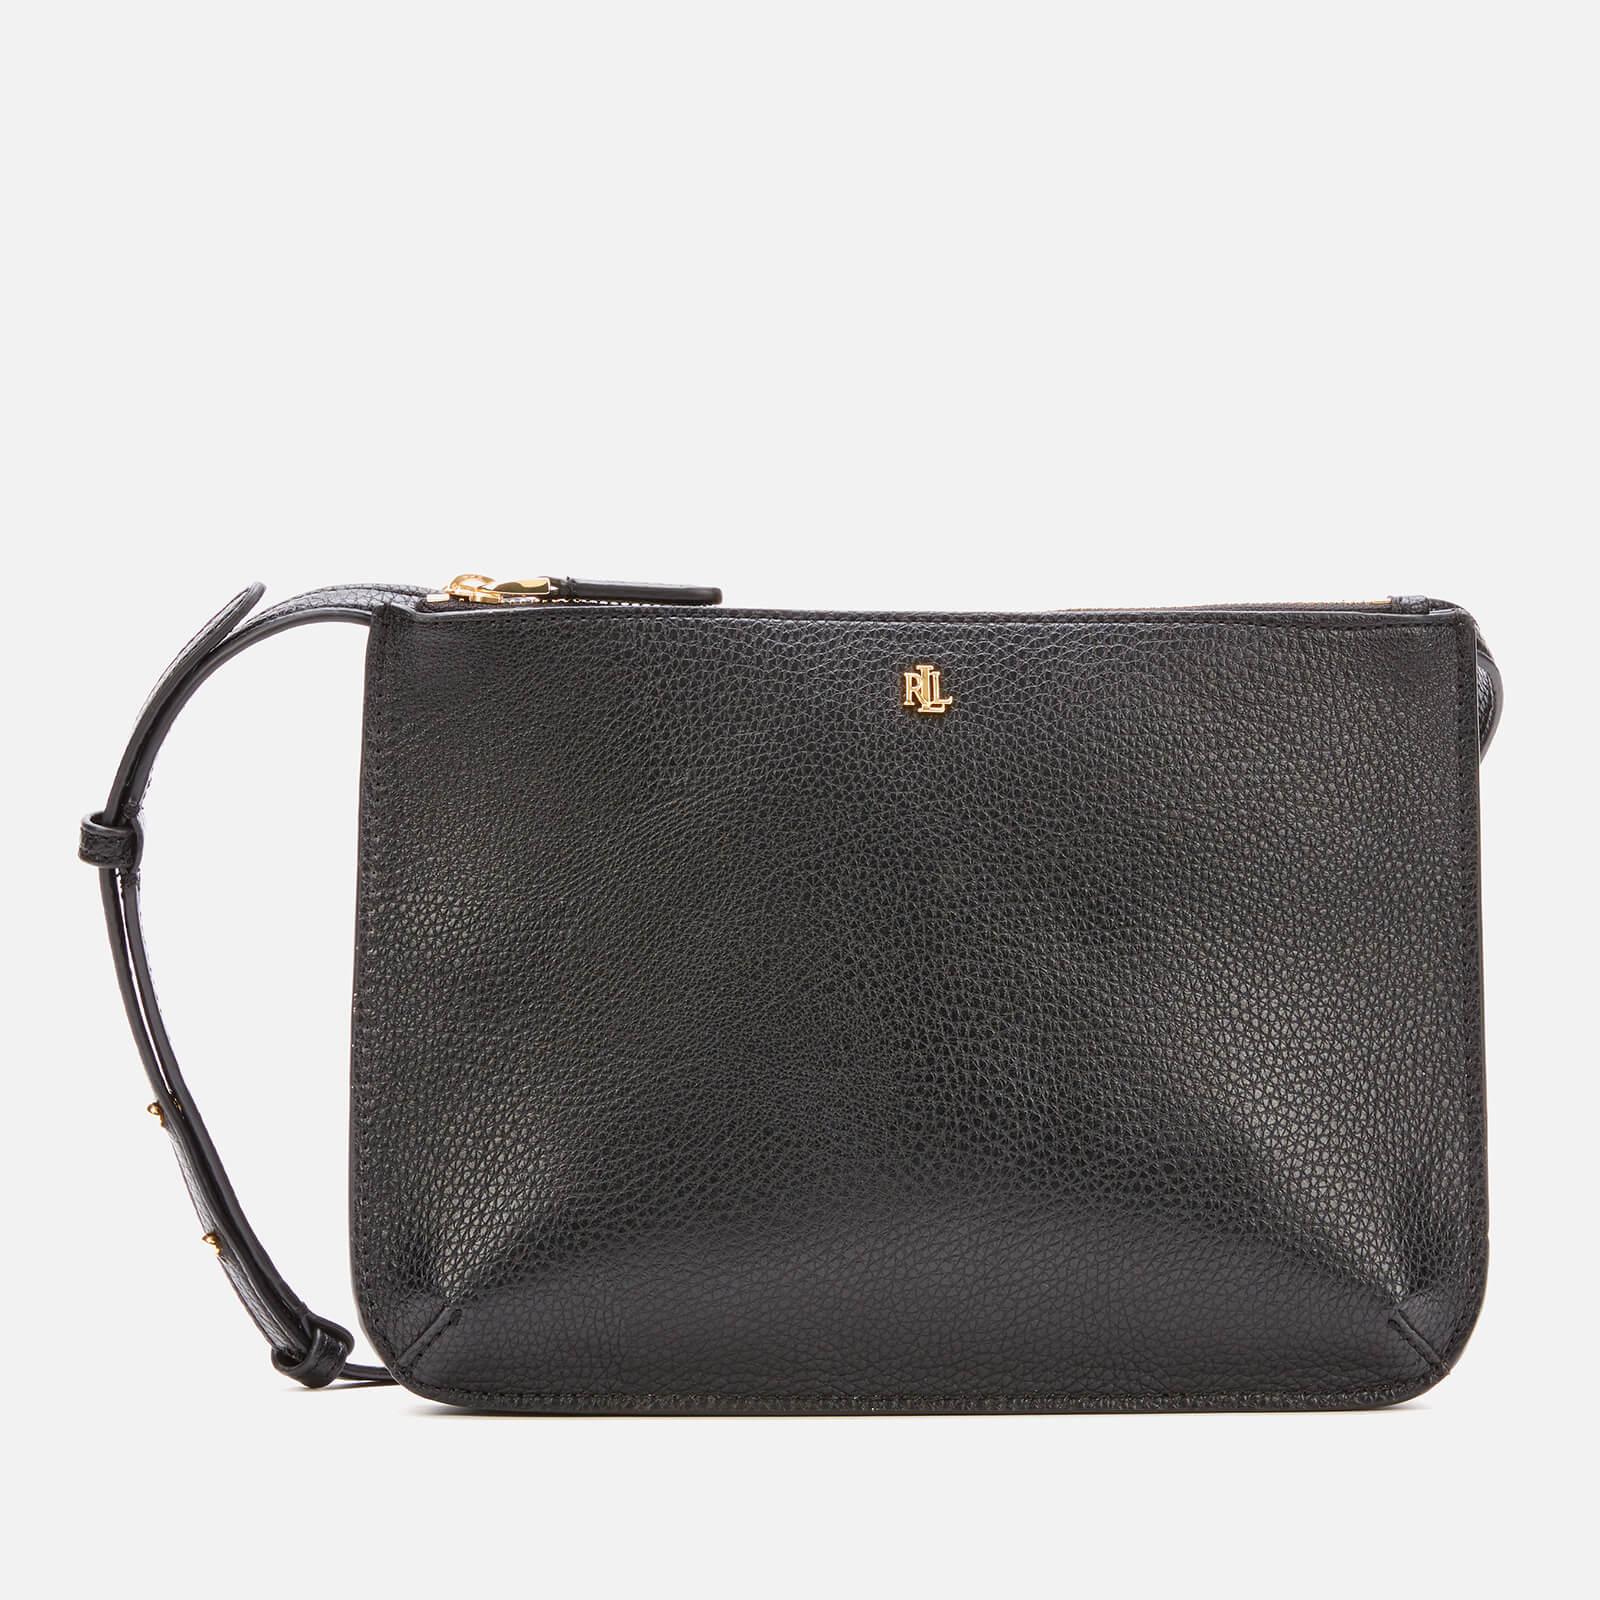 Lauren Ralph Lauren Women's Merrimack Carter Cross Body Bag - Black